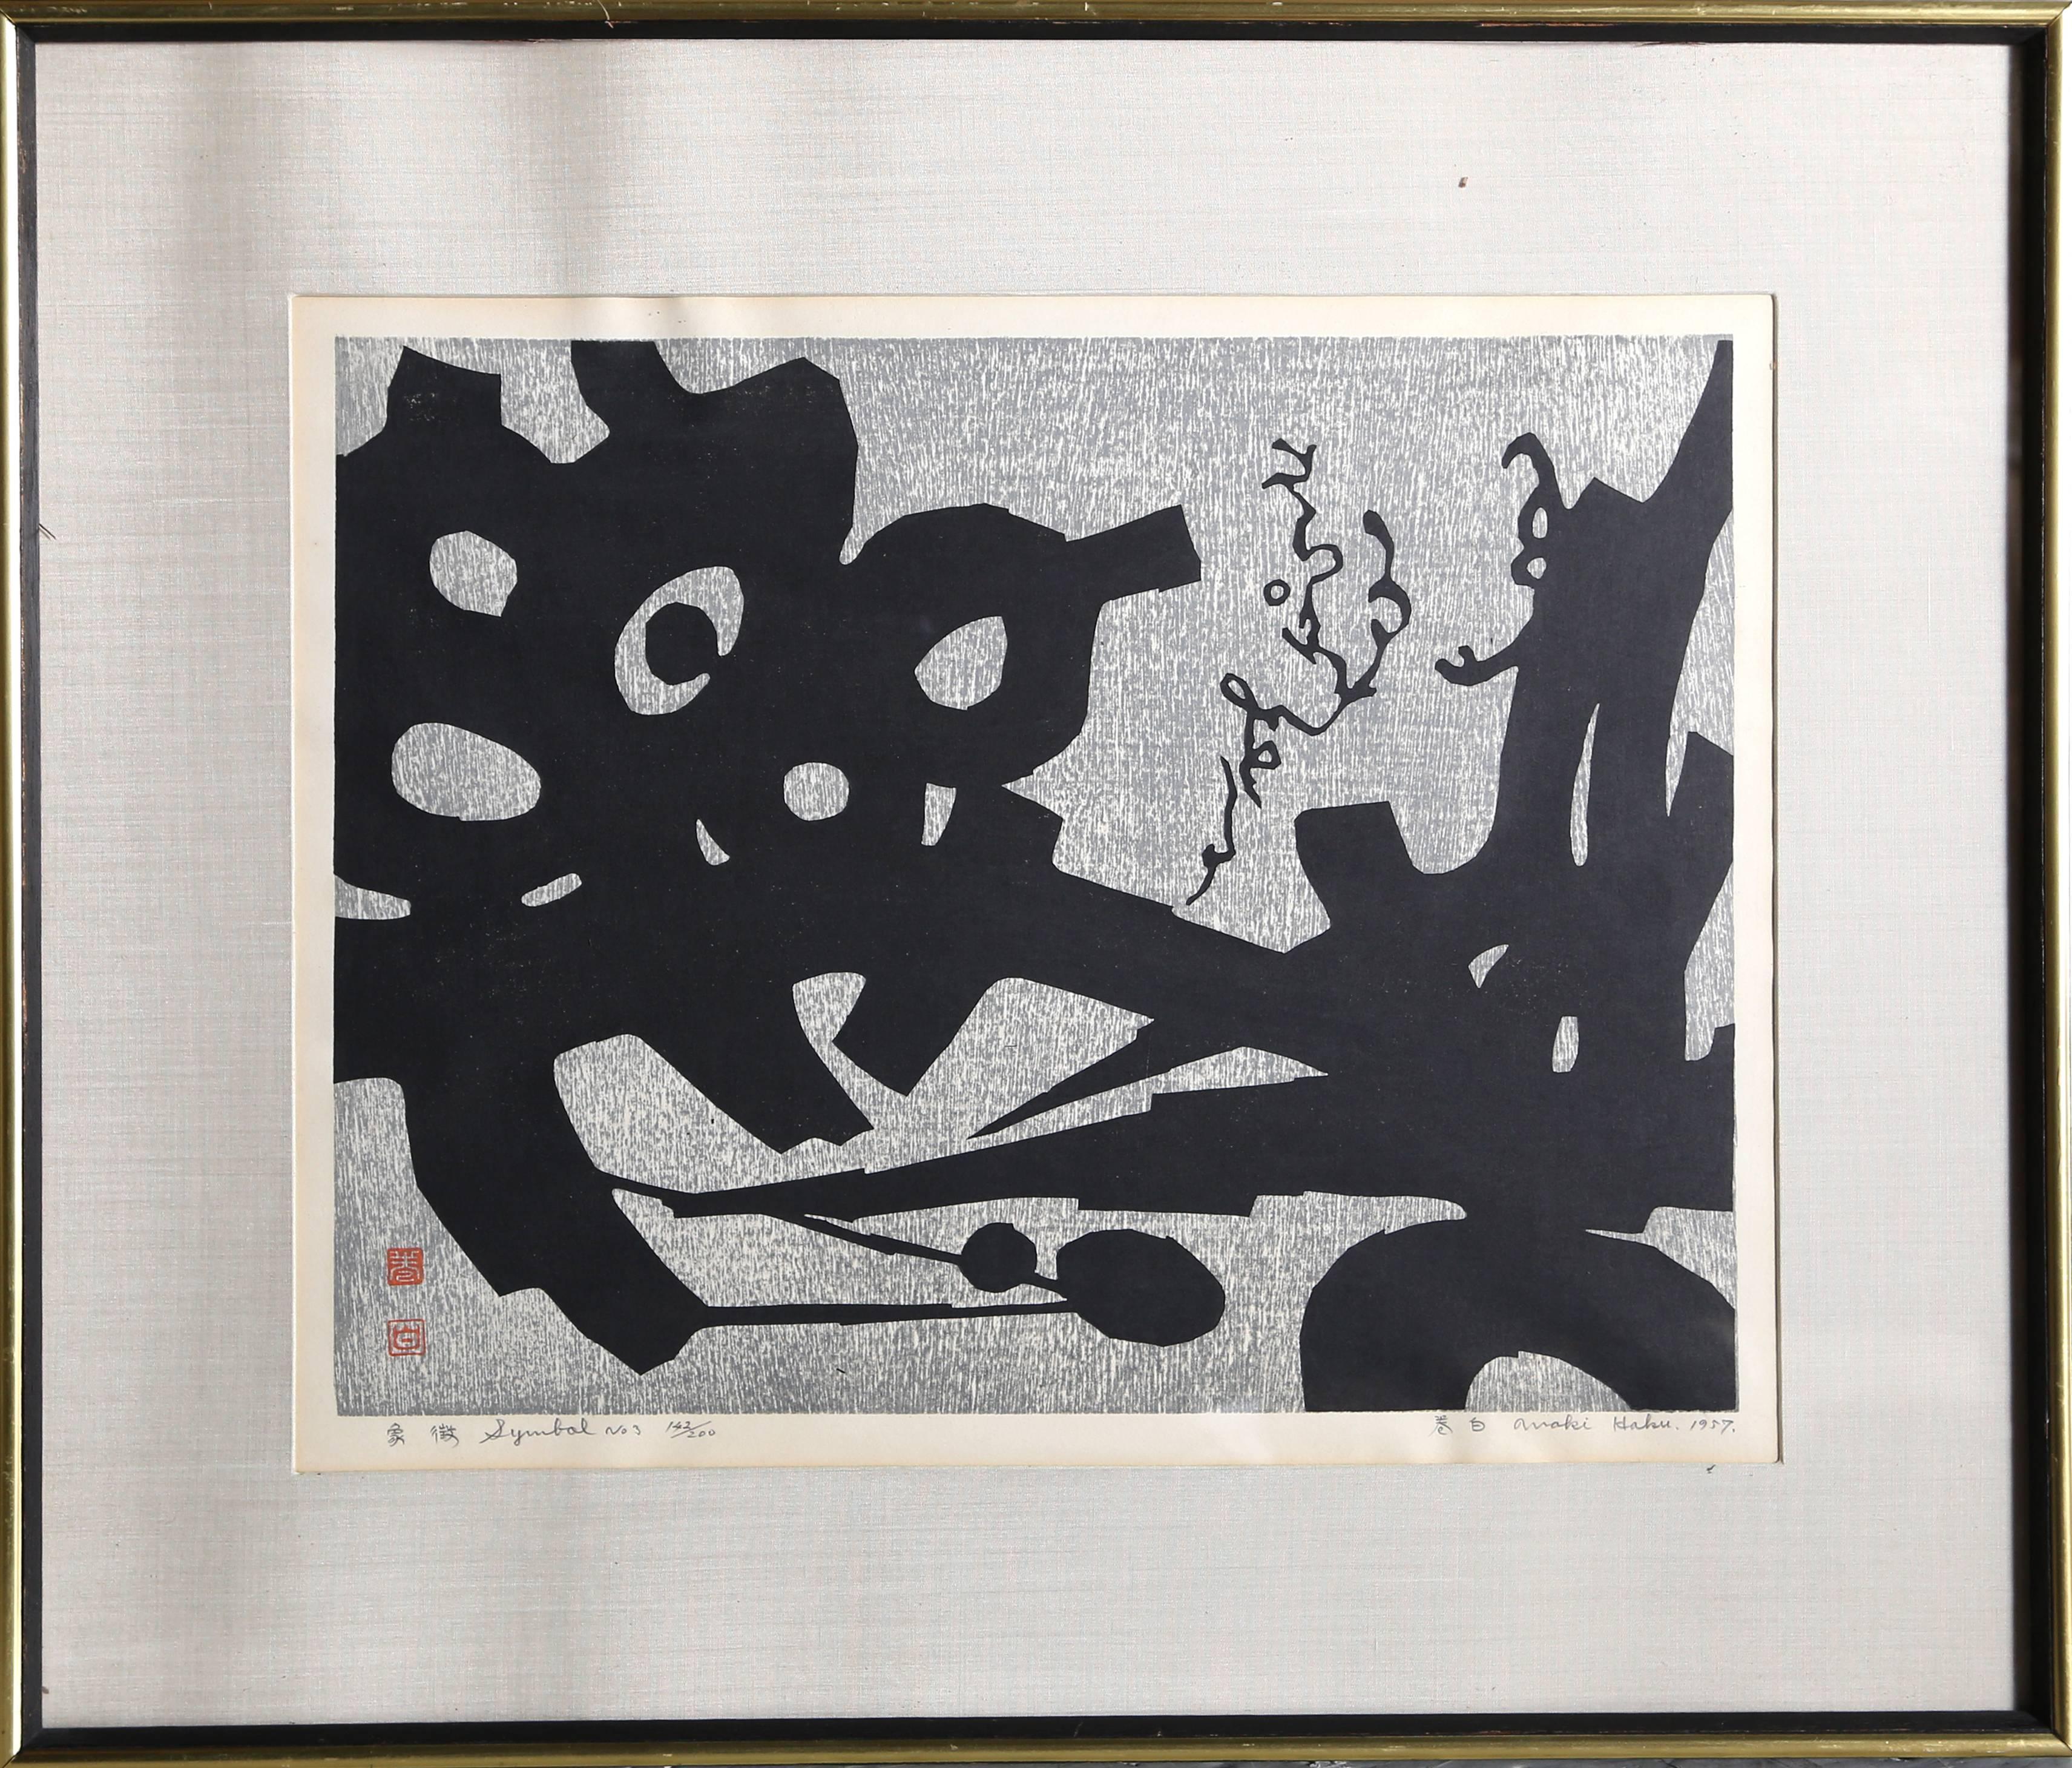 Symbol No. 2, 1957, Signed Woodcut by Haku Maki